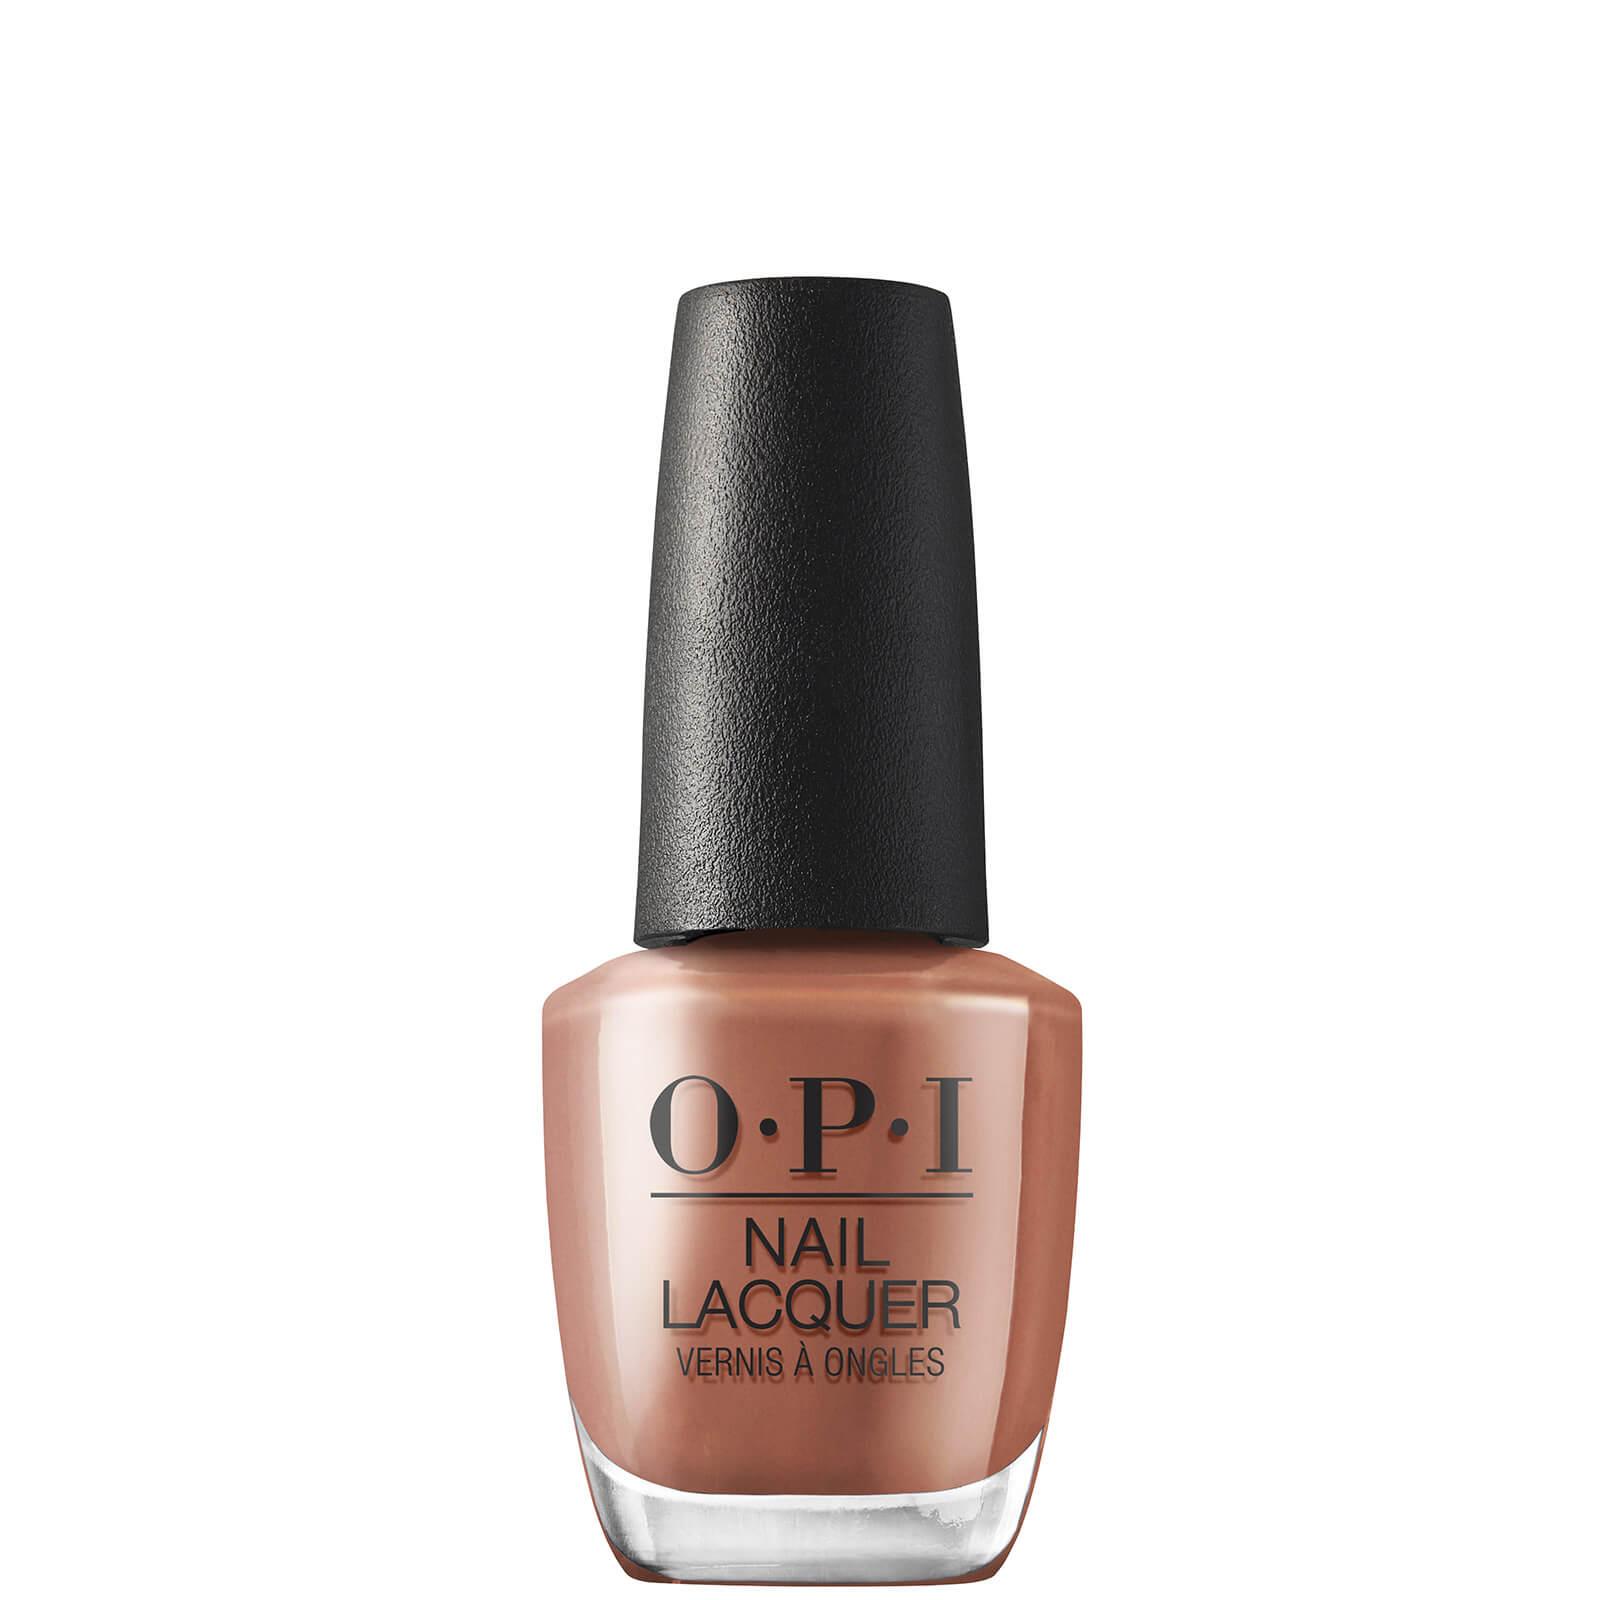 Купить OPI Nail Polish Malibu Collection 15ml (Various Shades) - Endless Sun-ner